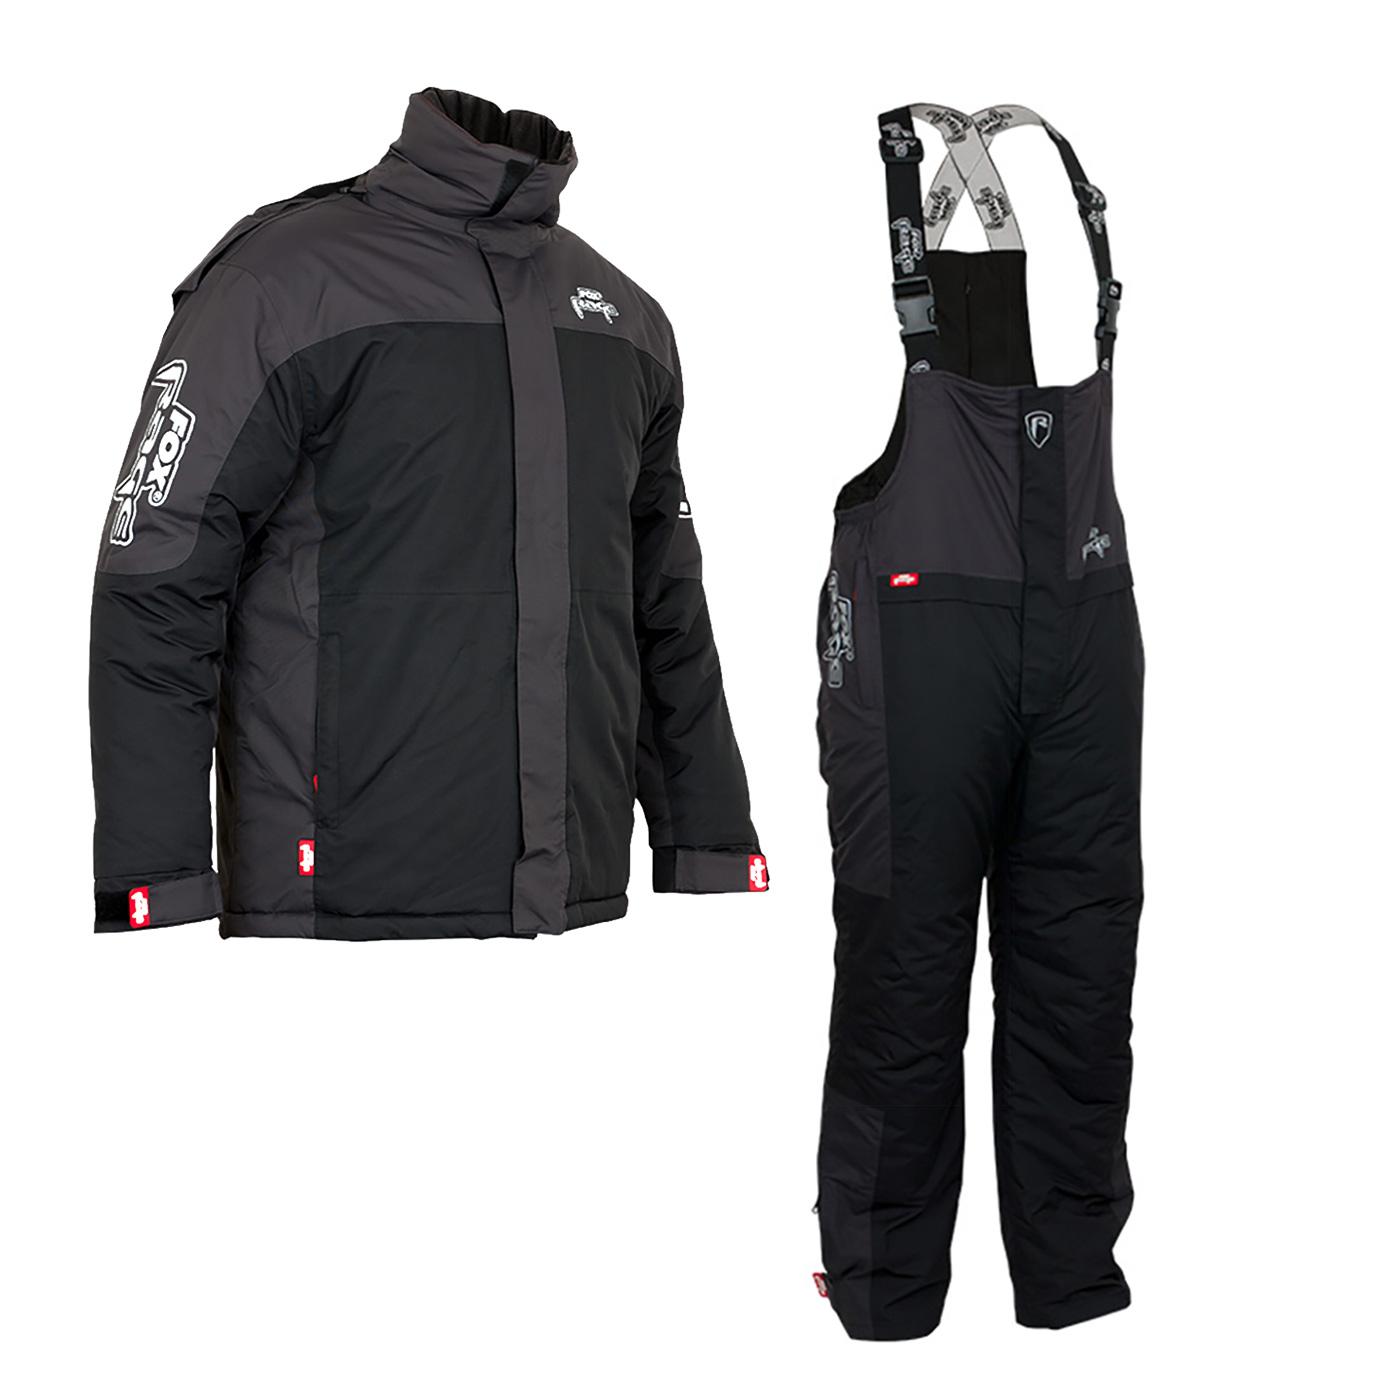 Fox Rage Winter-Suit V2 Winter & Schlechtwetter Anzug | Bekleidungs Sets | Angelbekleidung | Outdoor | nordfishing77 Anglerbedarf